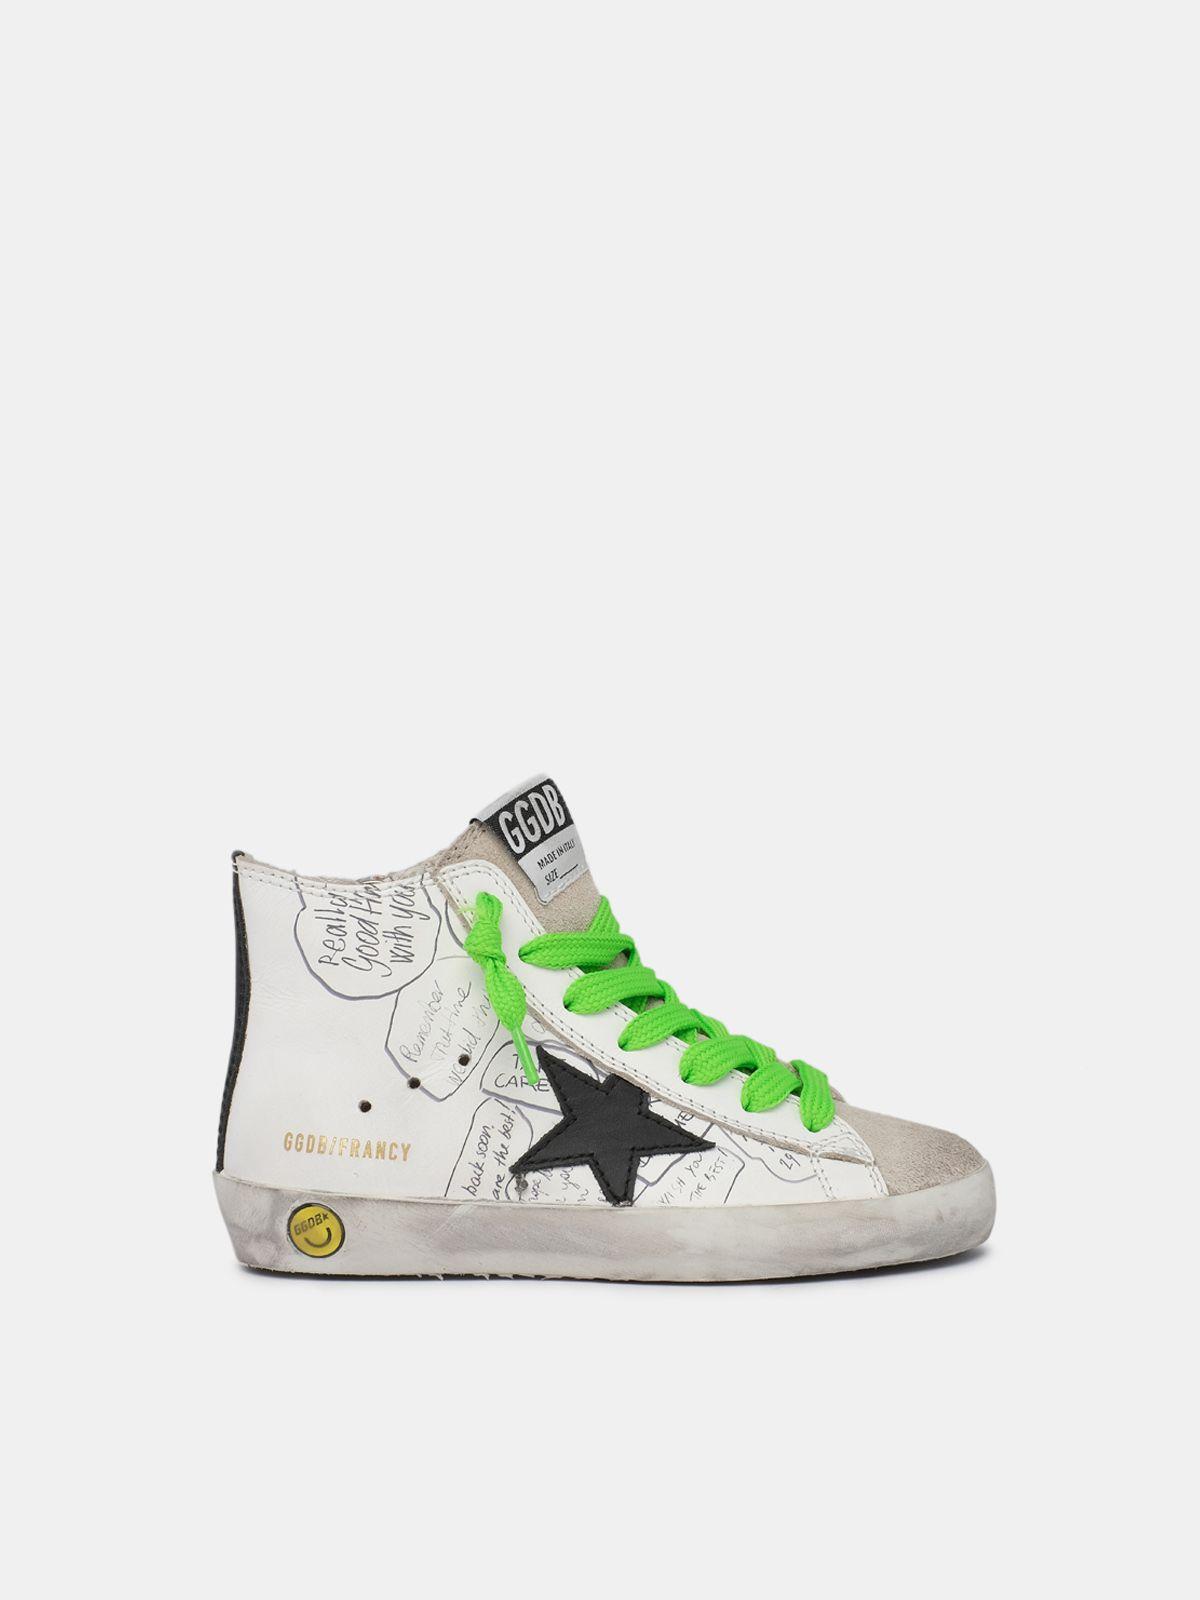 Golden Goose - Sneakers Francy con lacci bicolor fluo e disegni sulla tomaia in